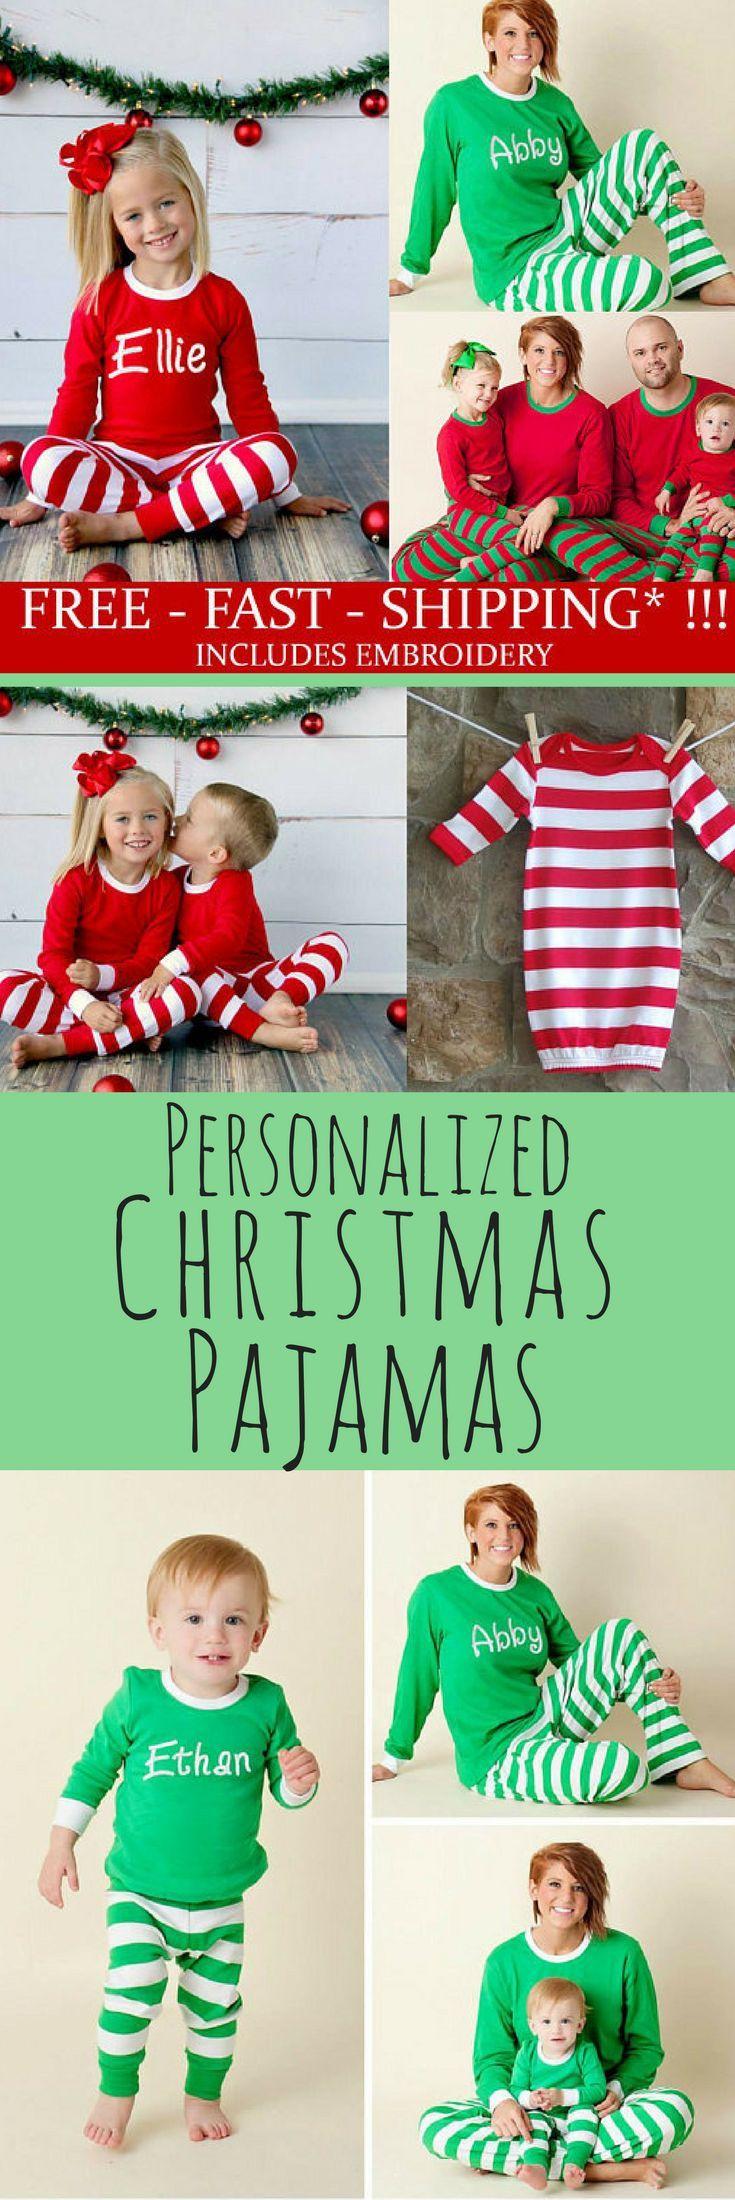 0c4635c21a Christmas Pajamas - Personalized Christmas Pajamas